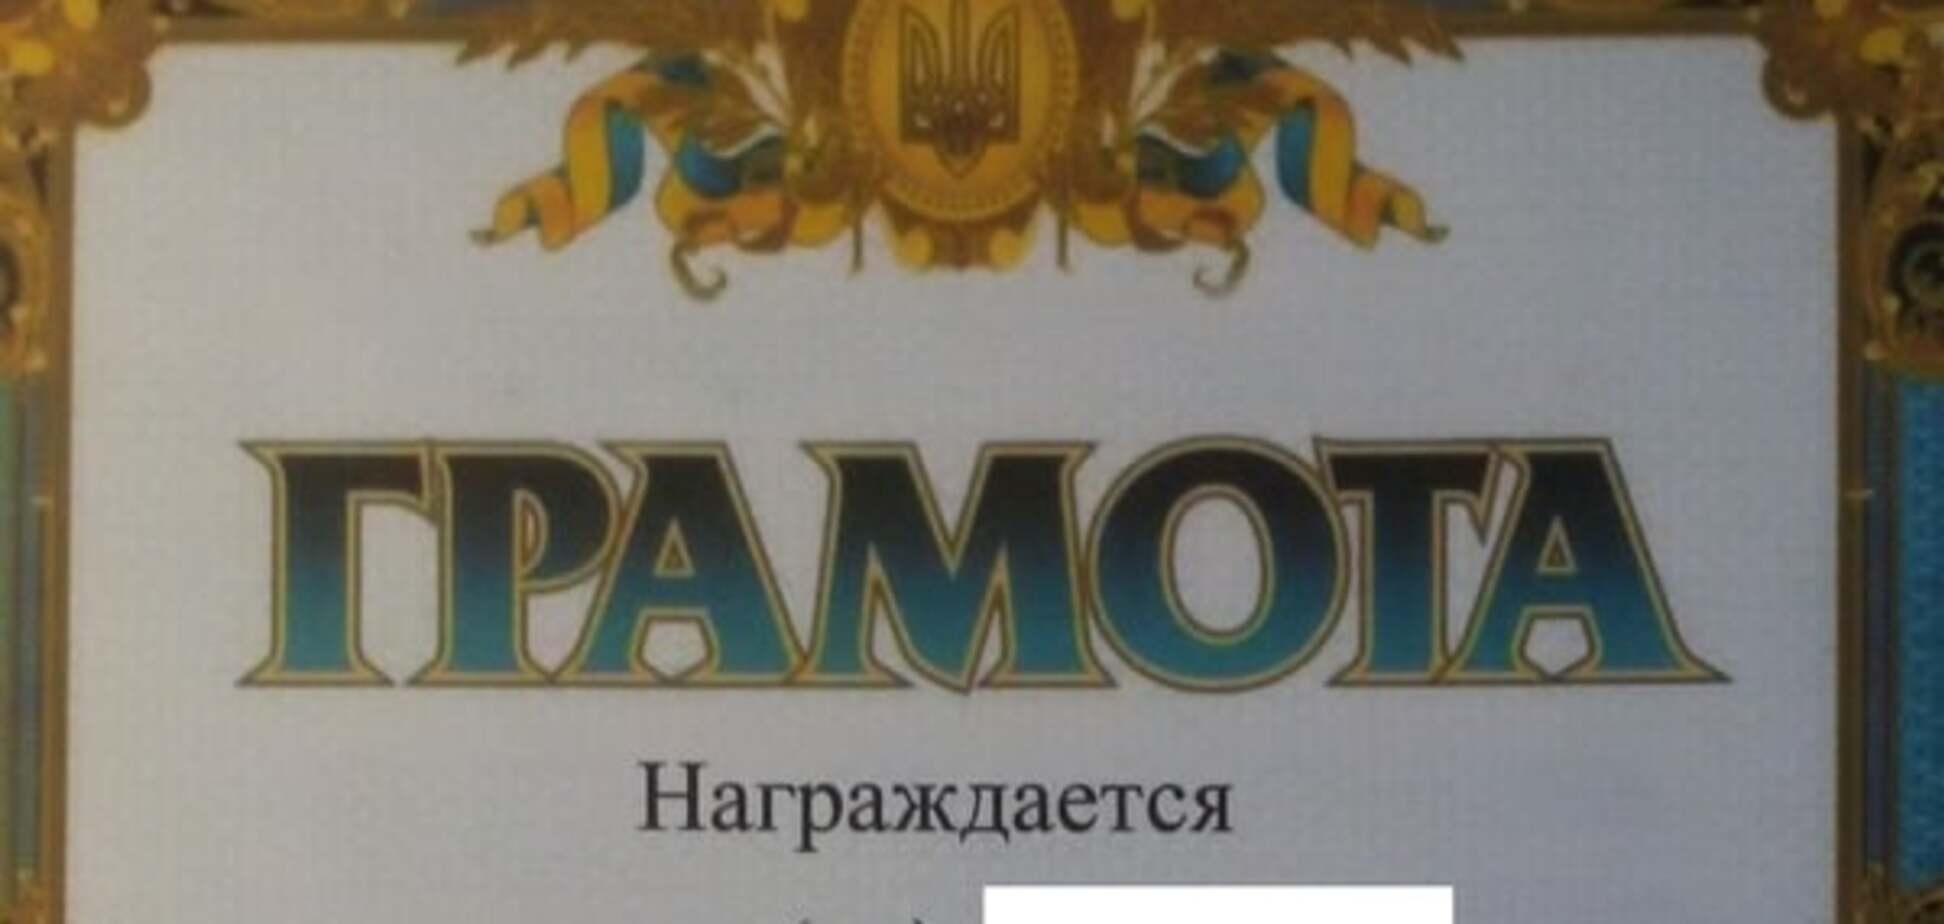 'Перемога': в Росії учням однієї зі шкіл вручили грамоти з гербом України